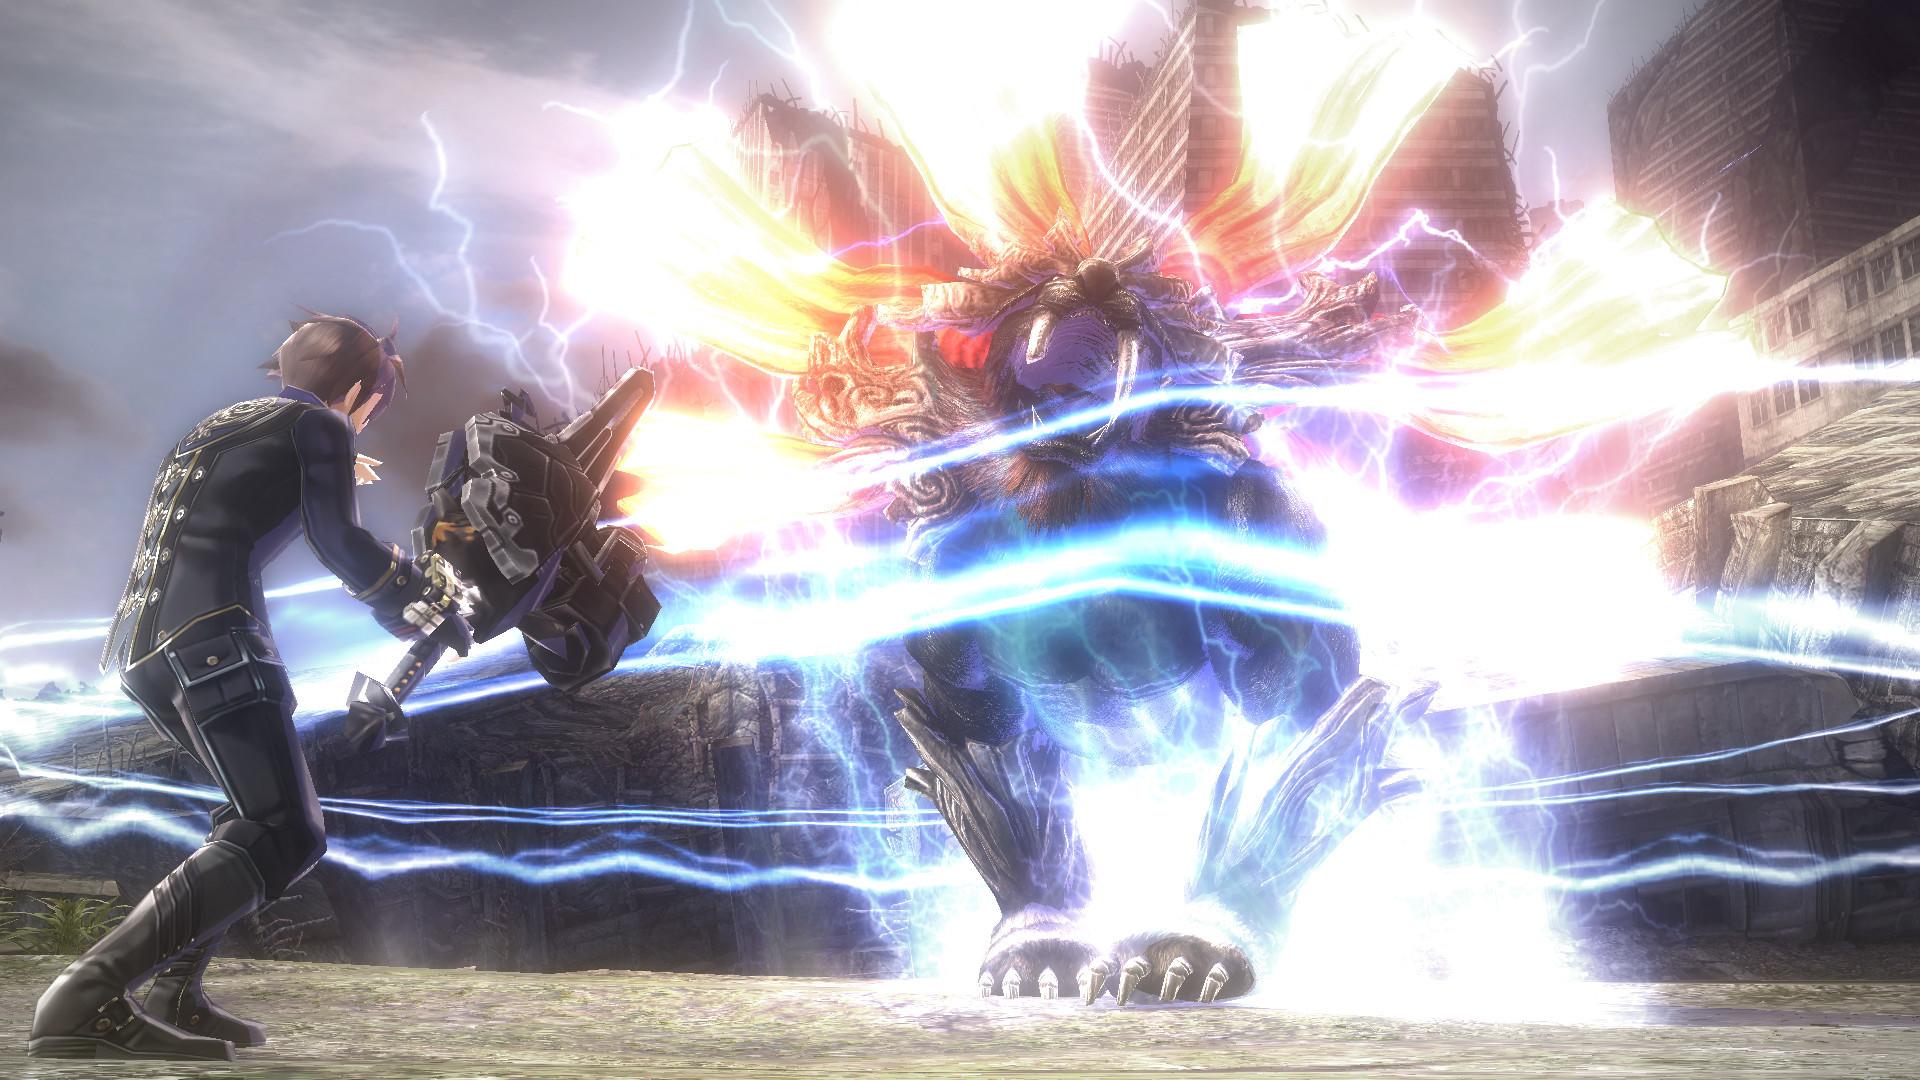 《噬神者2:狂怒解放》即将登陆PC